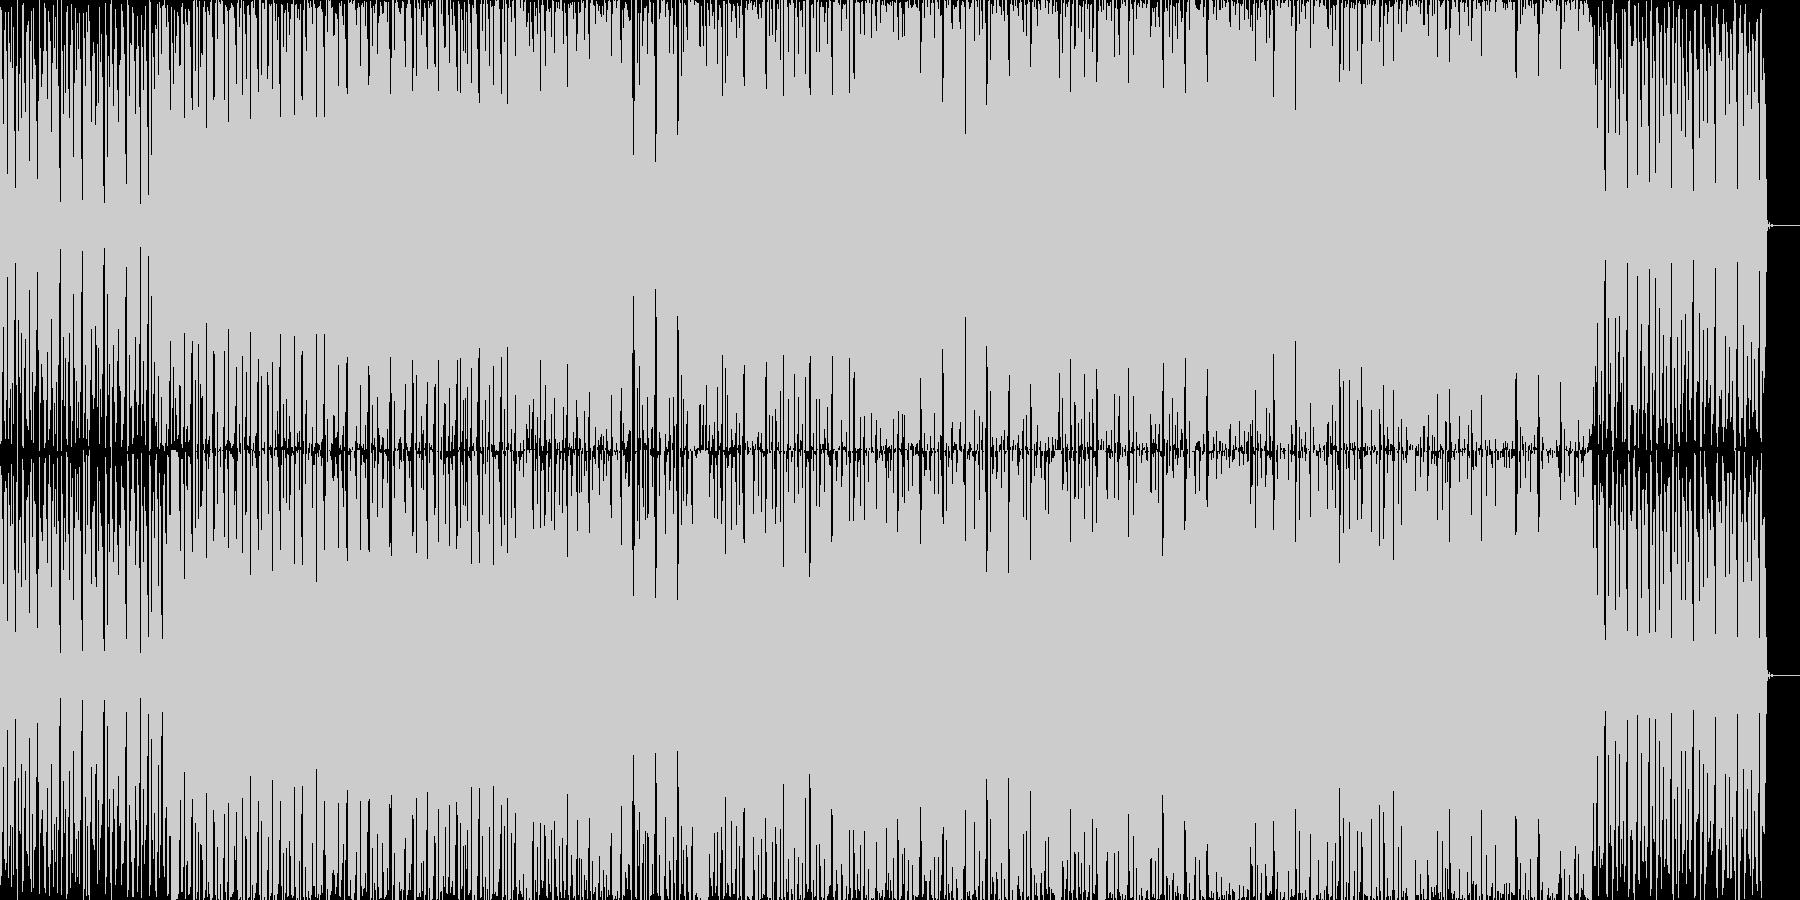 明るめのチップチューン風テクノの未再生の波形